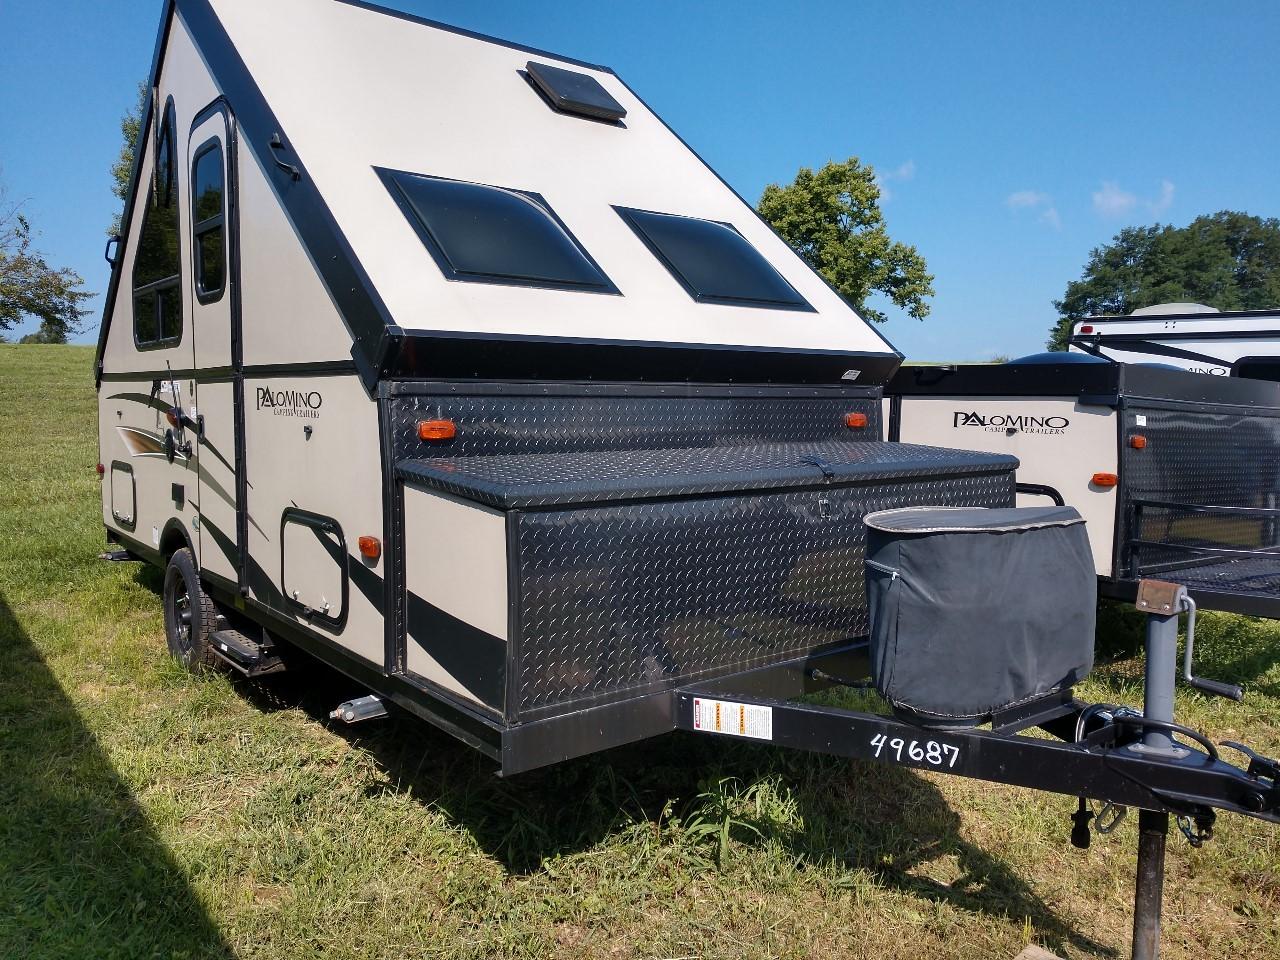 Pop Up Campers For Sale 3918 Rv Trader 2005 Viking Camper Wiring Diagram